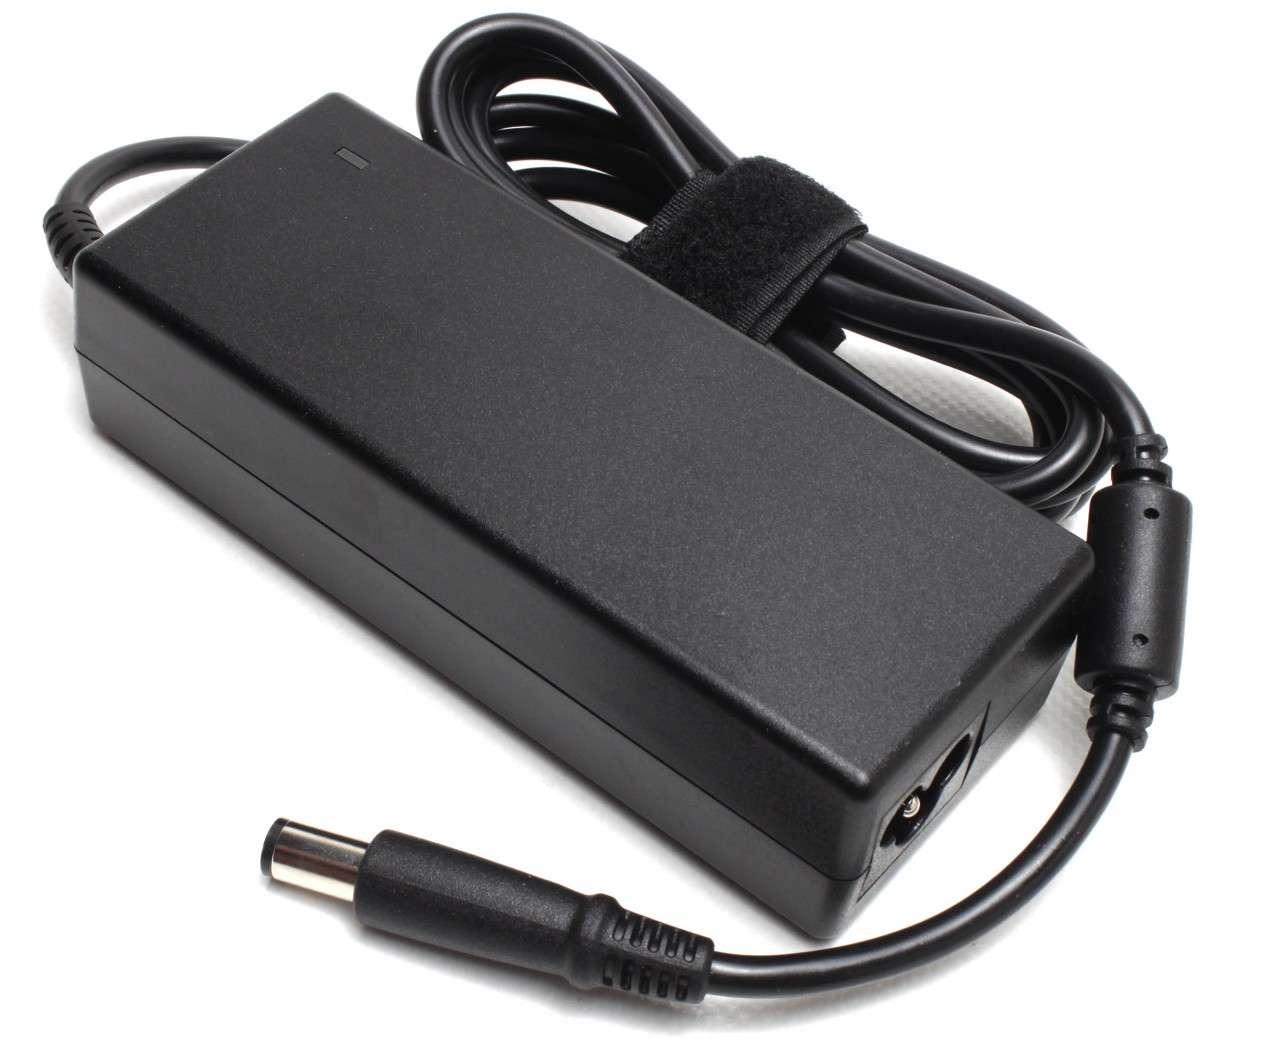 Incarcator Dell Vostro 3360 VARIANTA 3 imagine powerlaptop.ro 2021